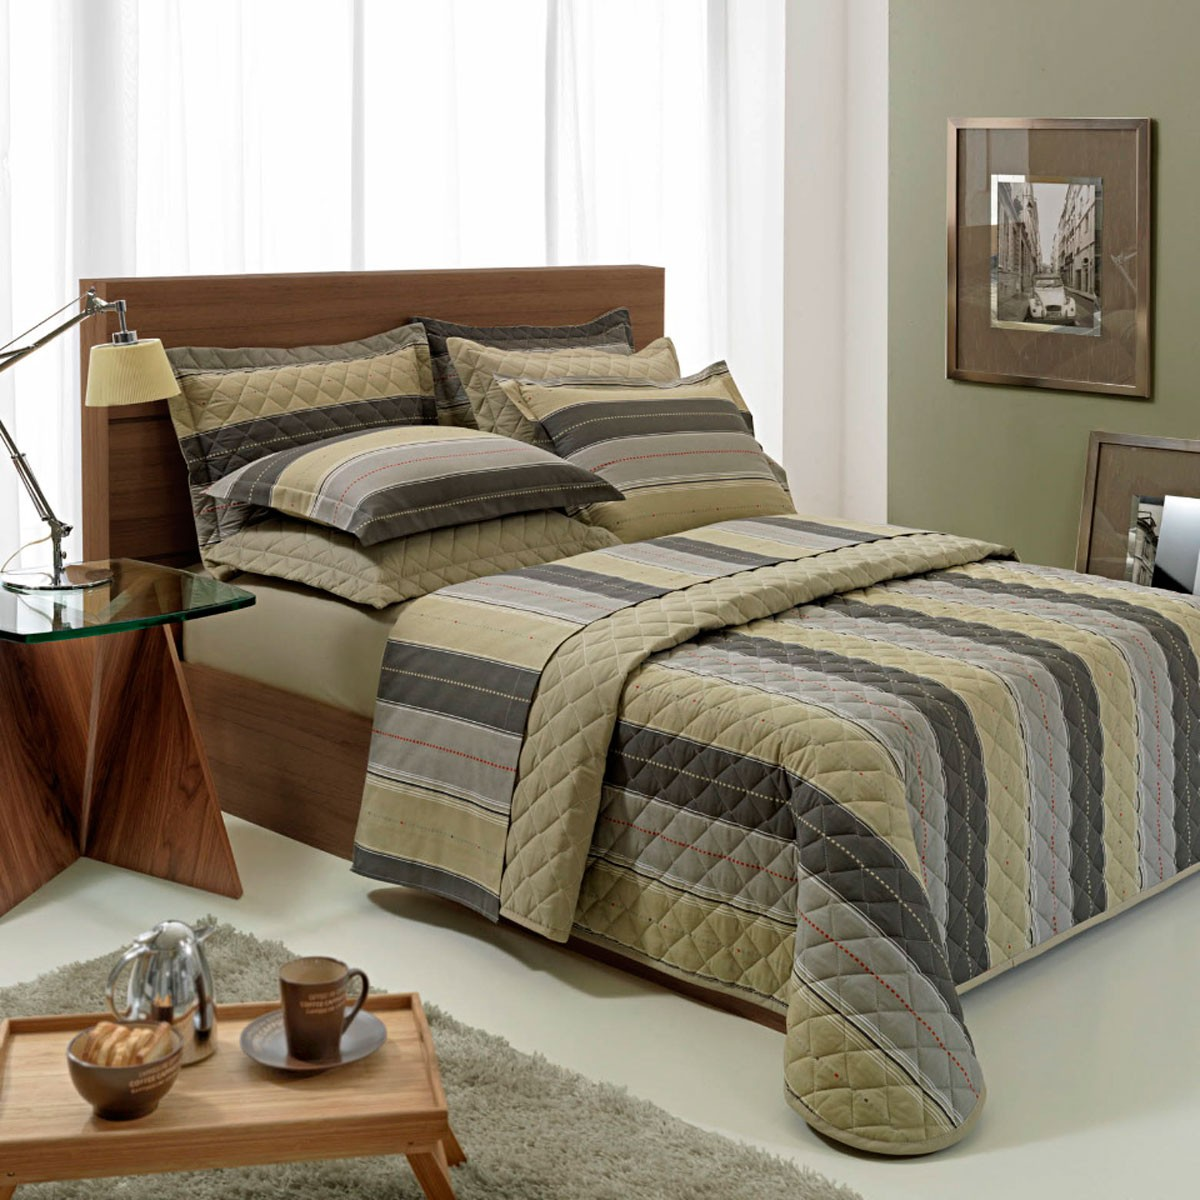 Cuidados com a roupa de cama 9